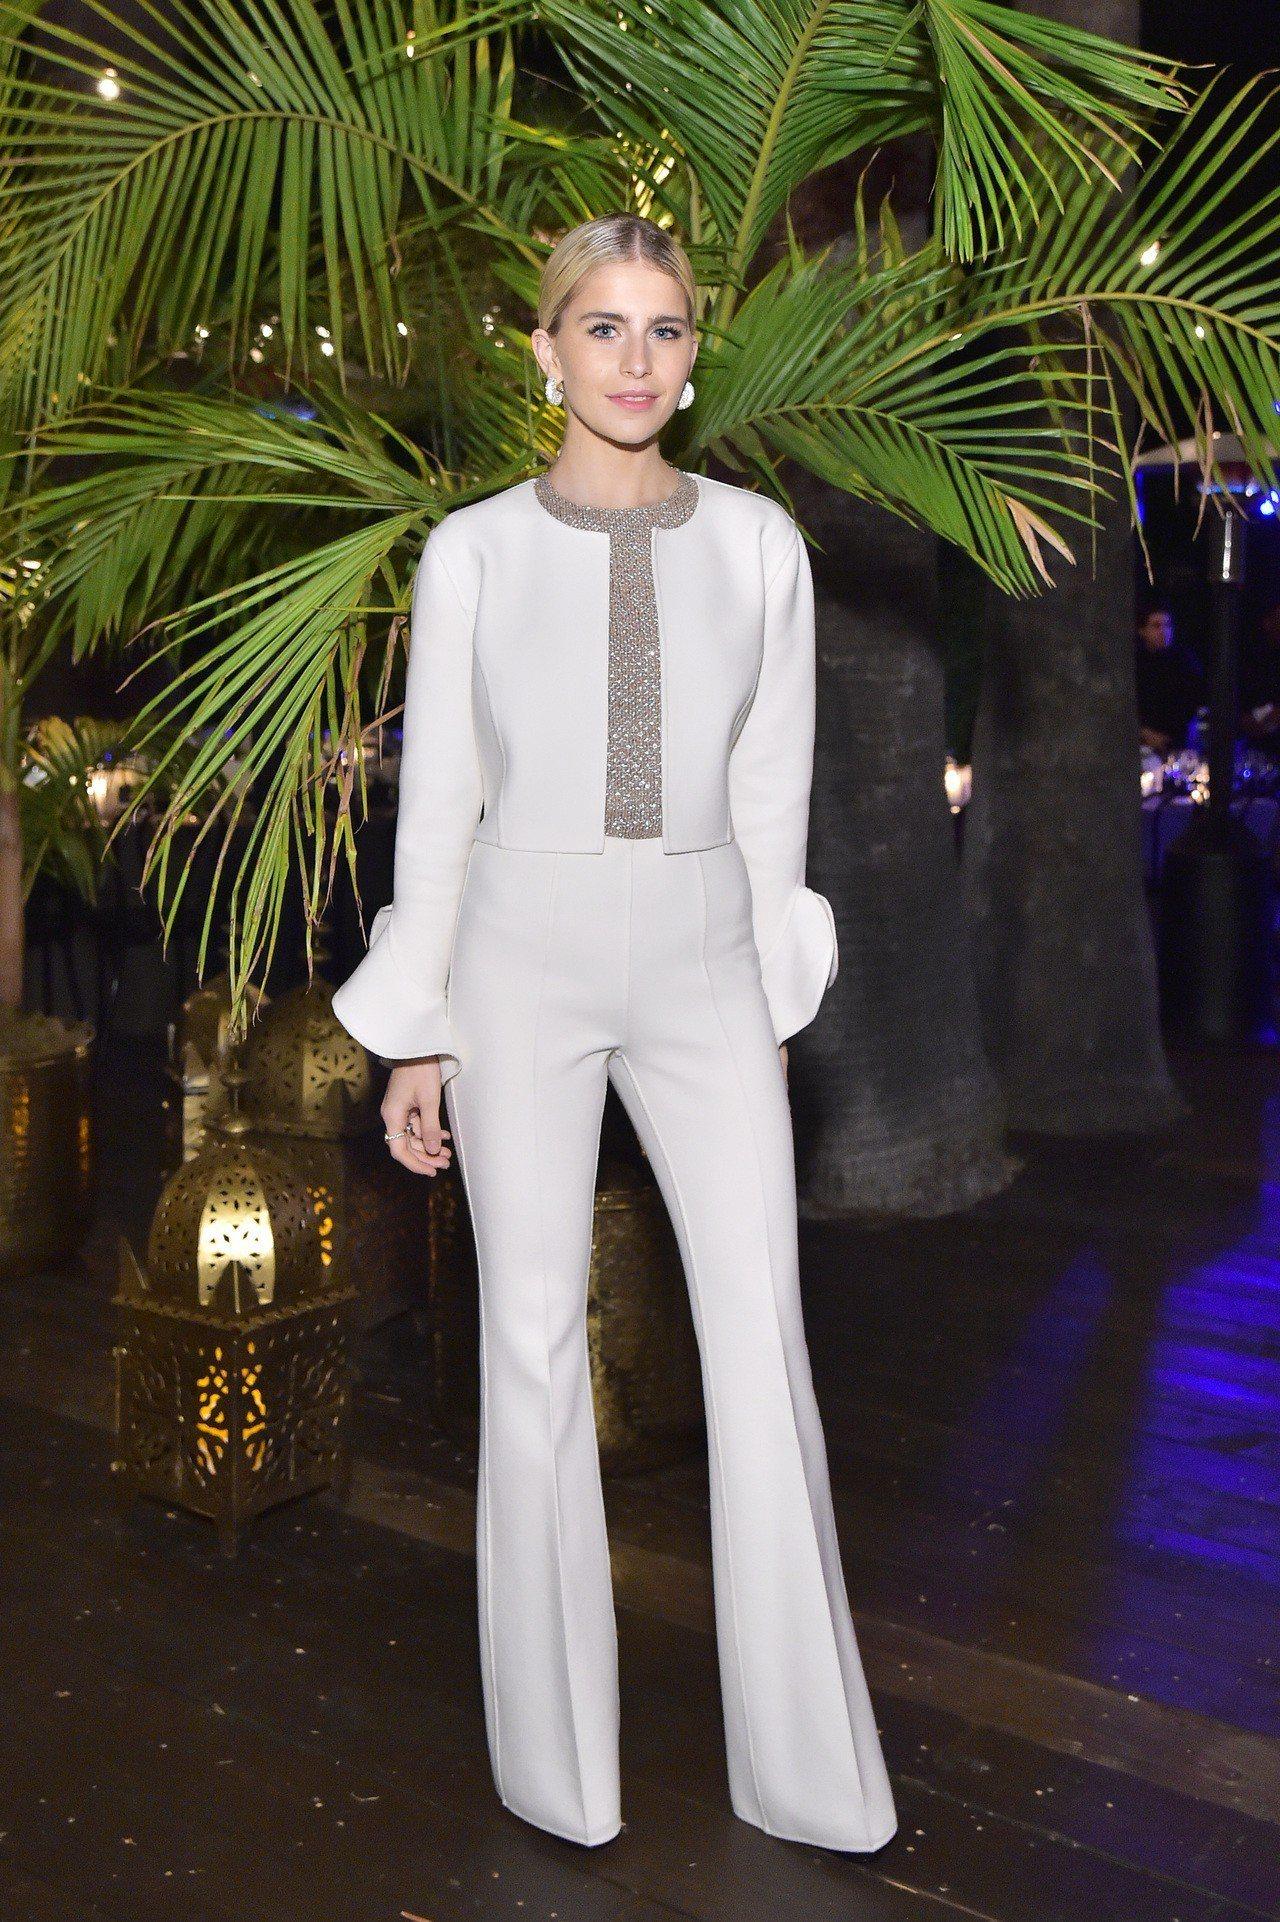 來自德國的時尚網紅Caroline Daur一席白色褲裝相當搶眼。圖/Getty...